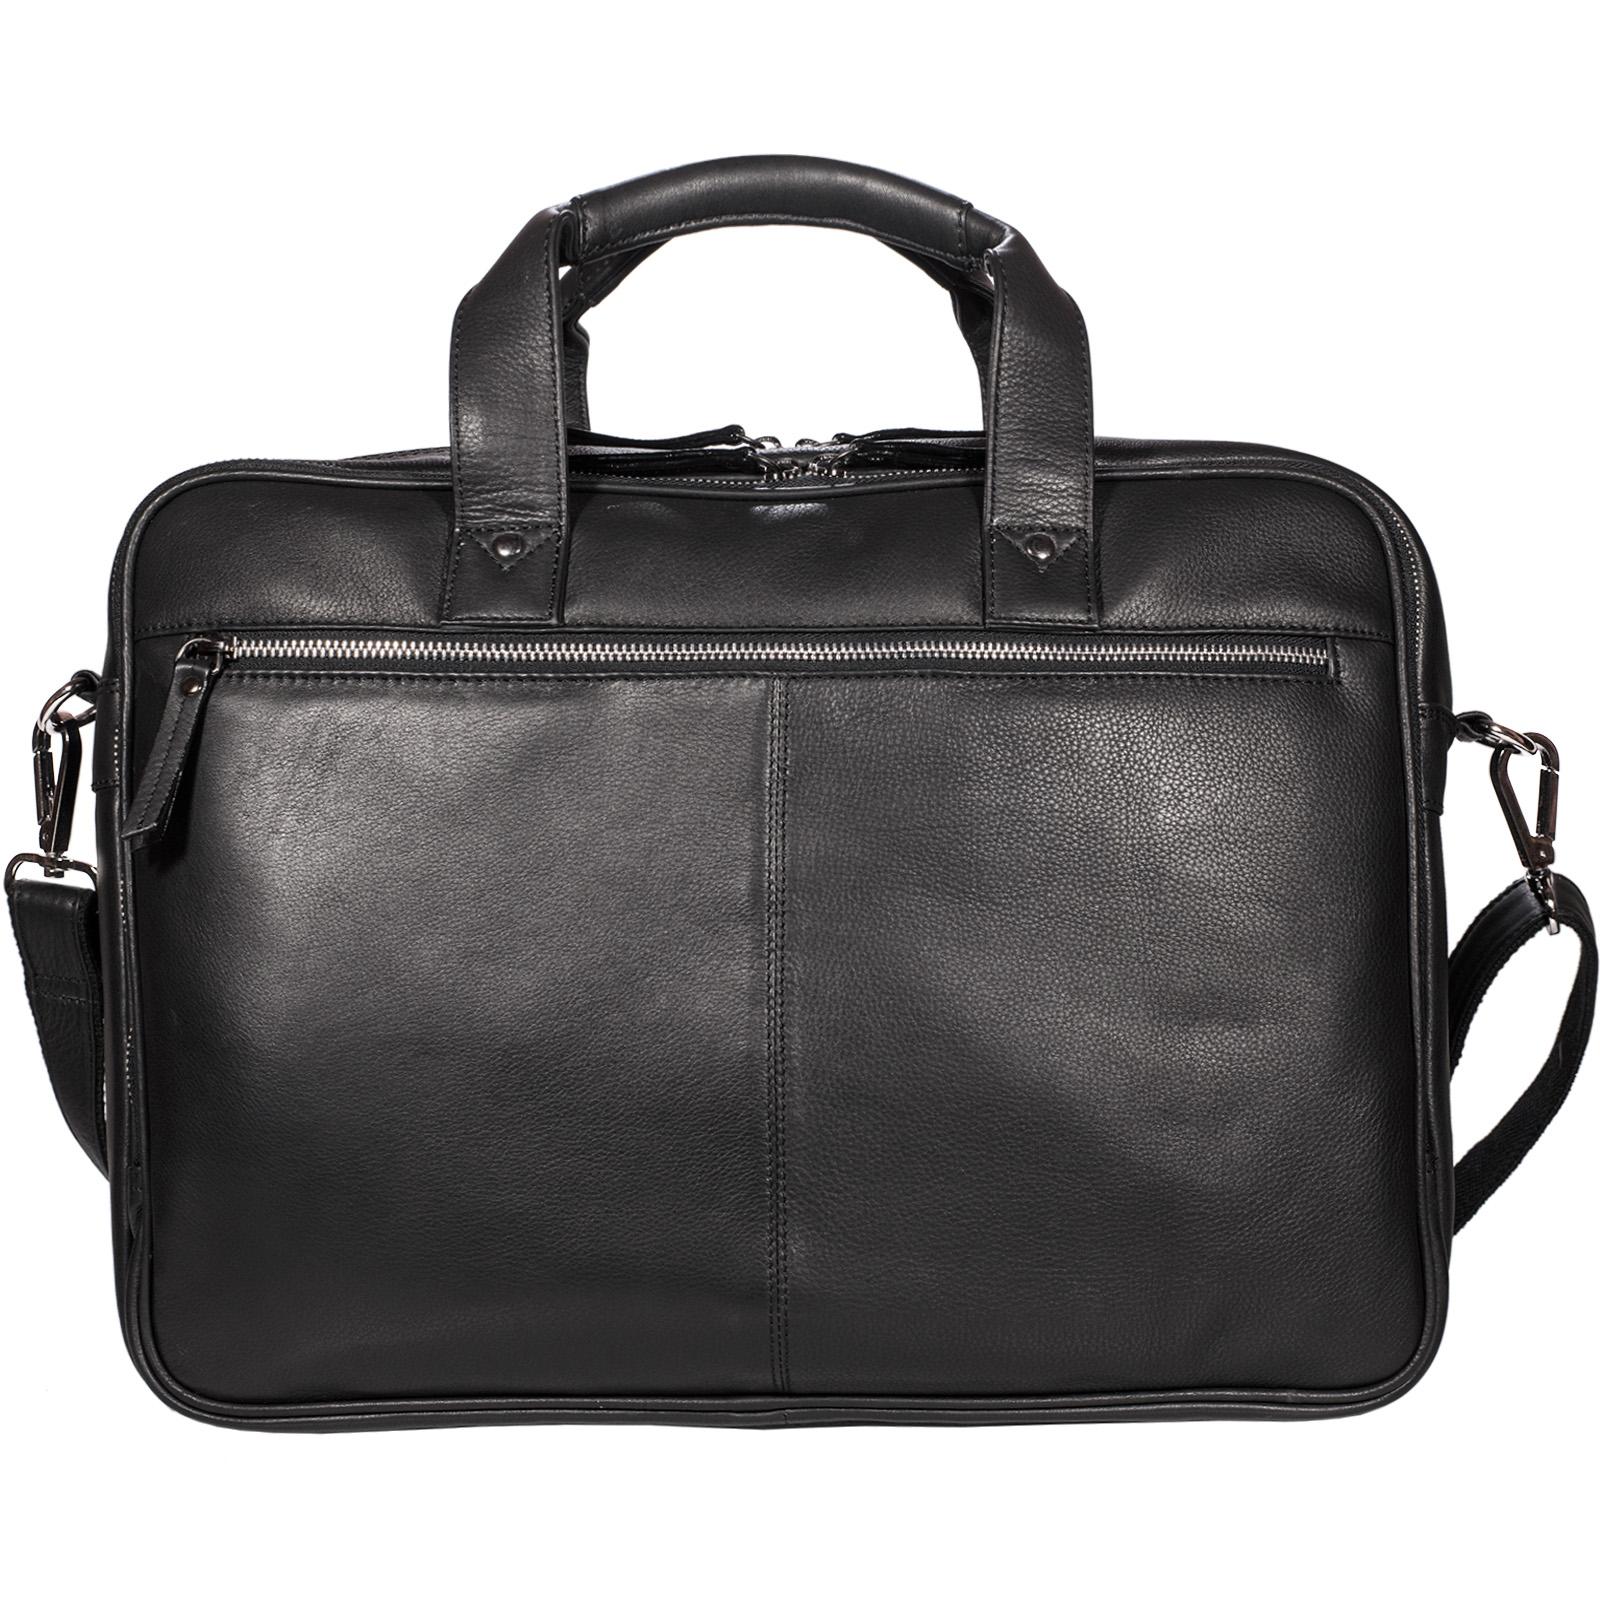 """STILORD """"Walt"""" Vintage Aktentasche Leder Herren Damen Lehrertasche XL groß Büro Business Umhängetasche für 15,6 Zoll Laptop Echt Leder  - Bild 18"""